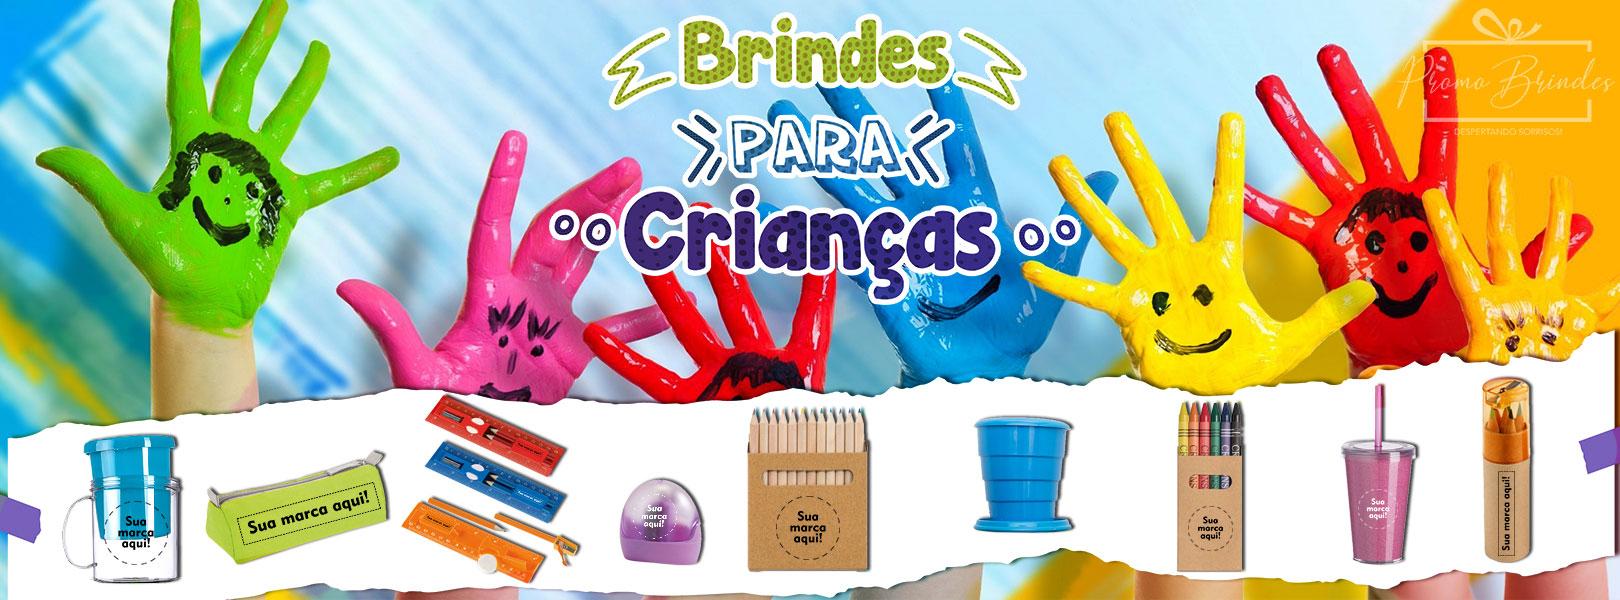 https://brindescriativo.com.br/brindes/brindes-para-criancas/